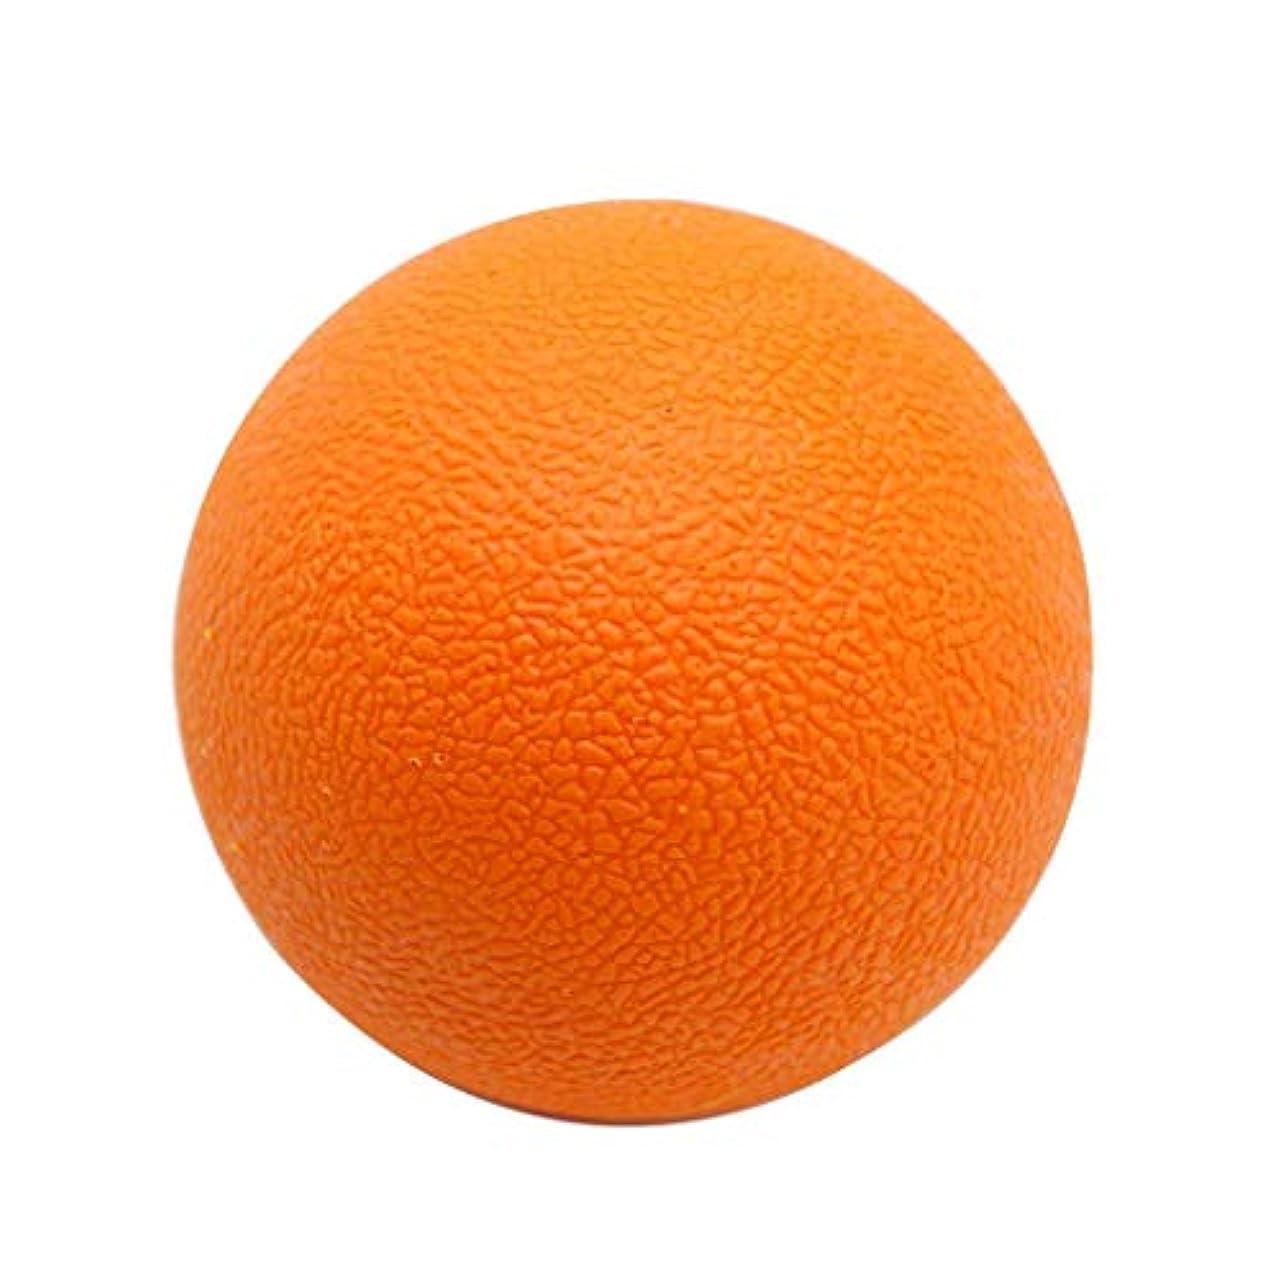 特徴エミュレーションリンクBaoblaze ラクロスボール マッサージボール トリガーポイント 筋膜リリース 背中 首 ツボ押しグッズ オレンジ